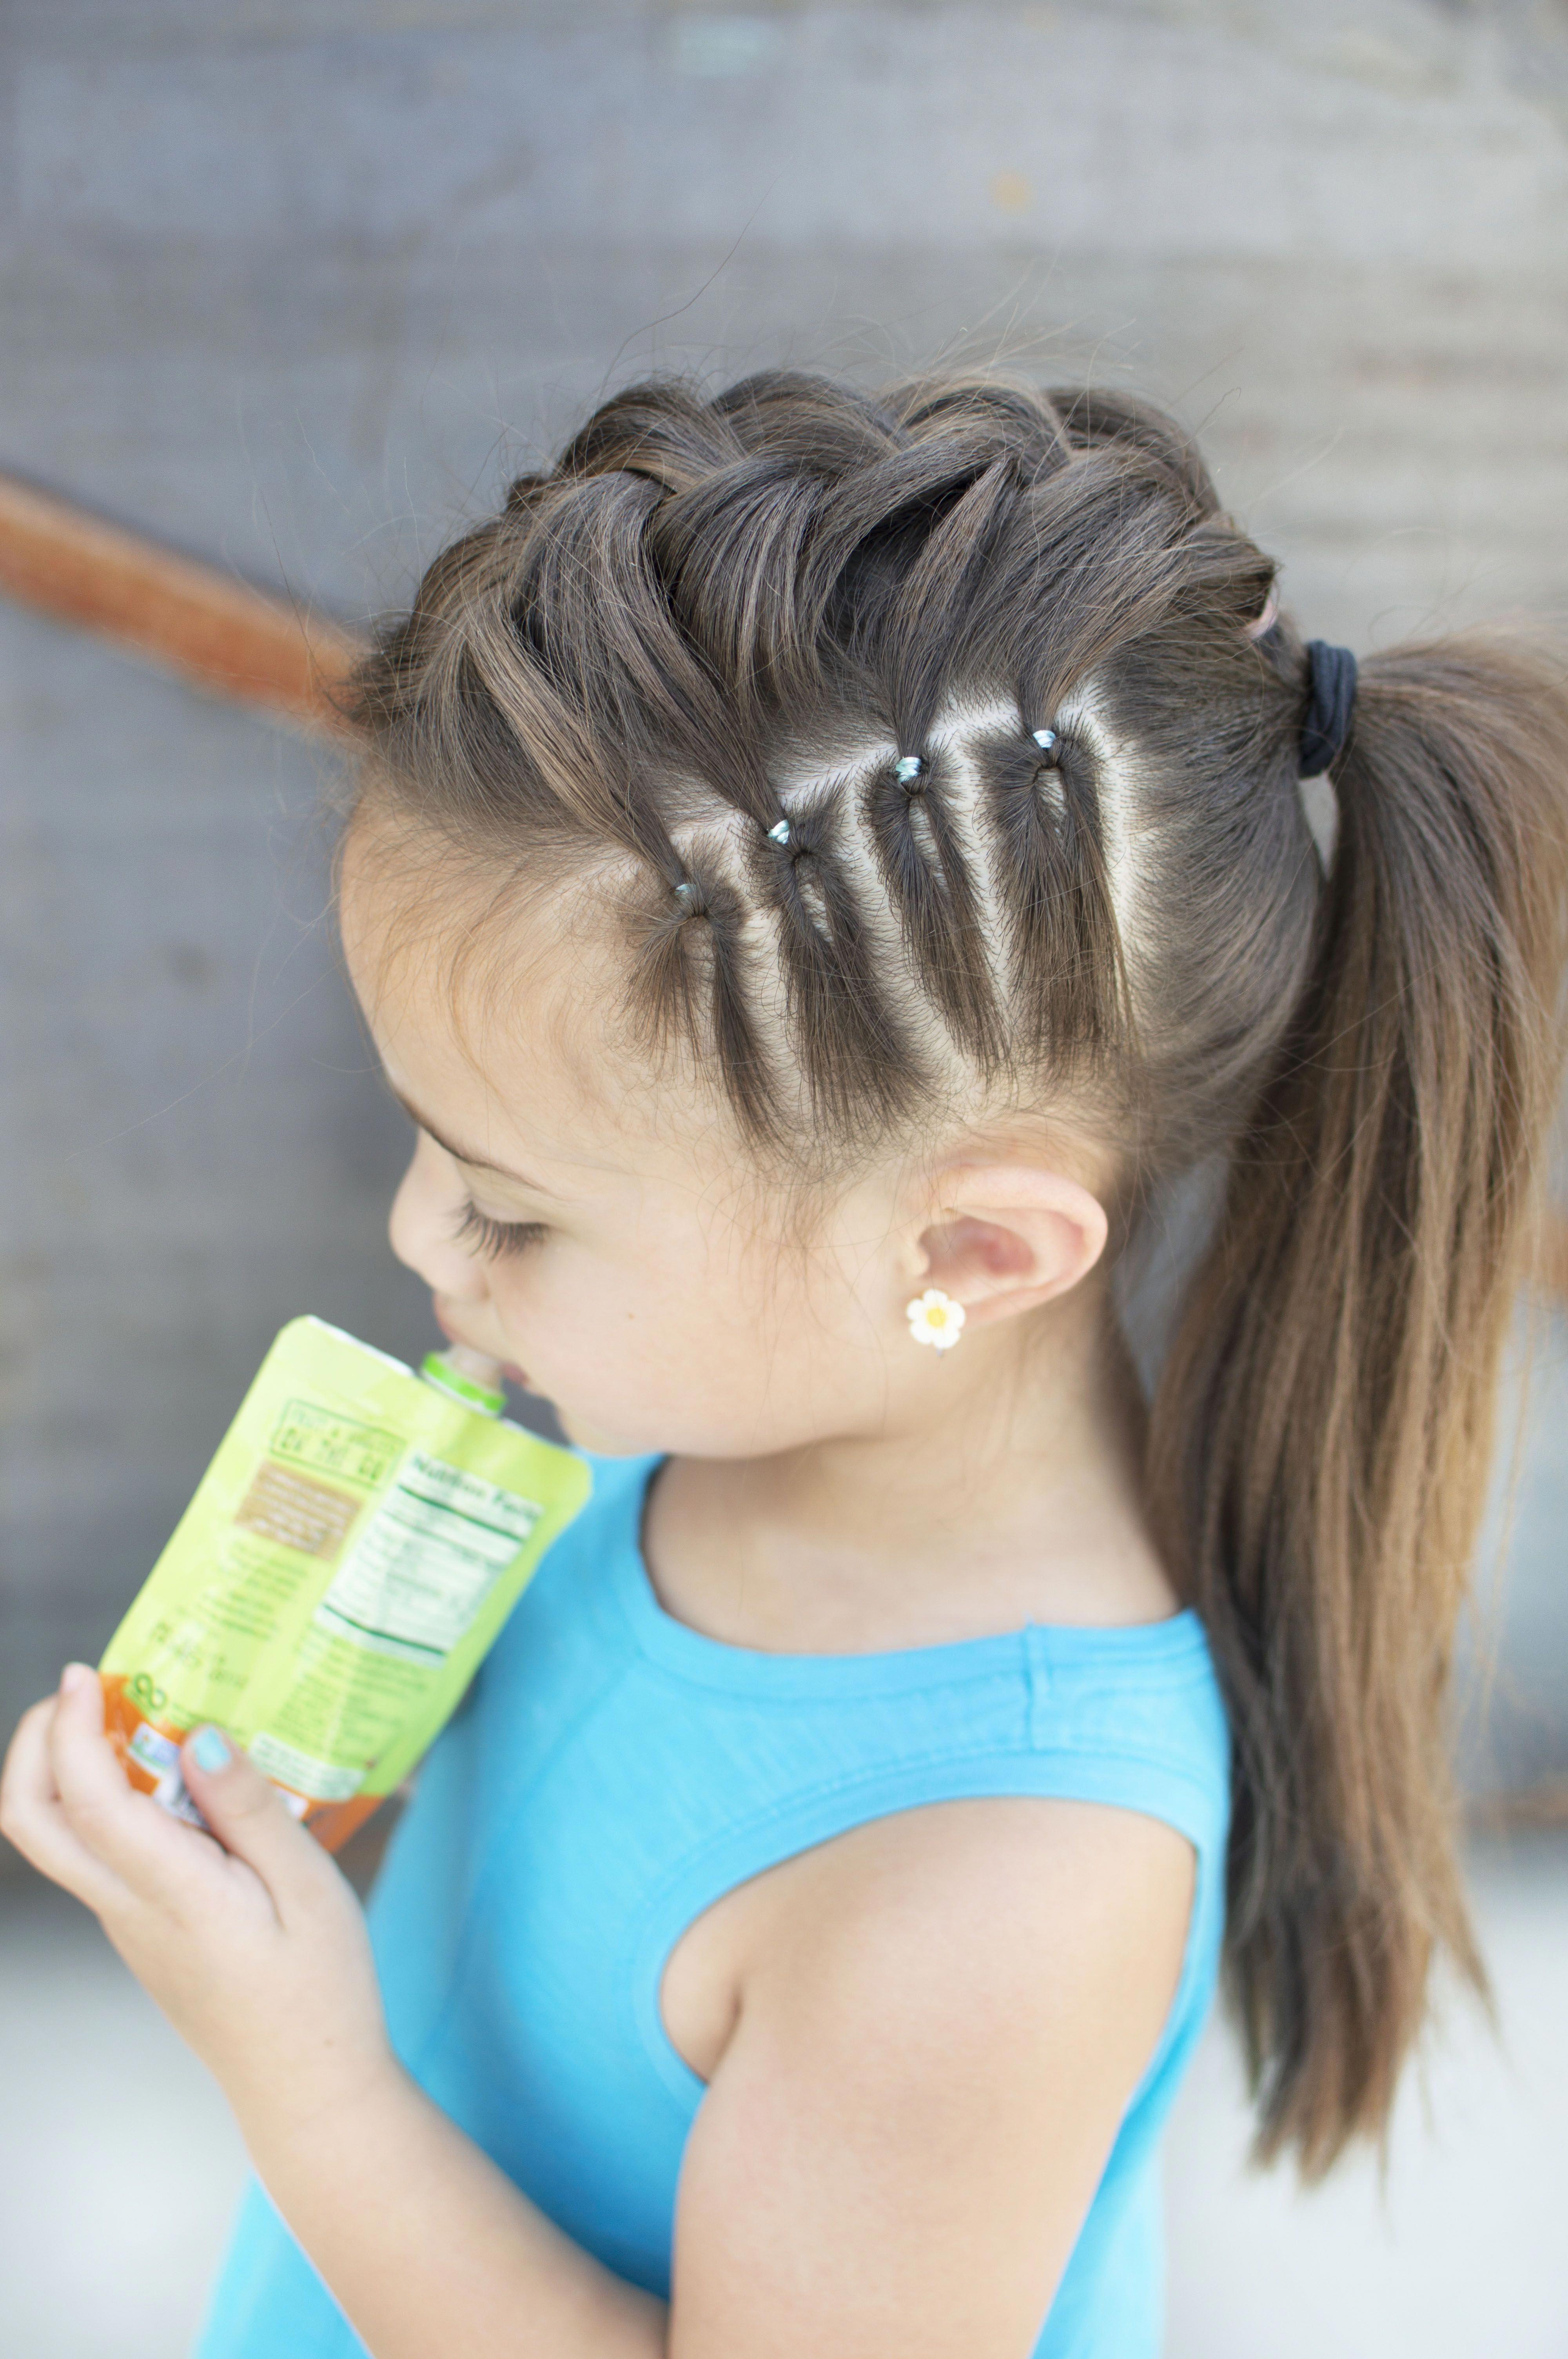 Kimtwin01 Kidshair Peinados Infantiles Peinados Peinados Cabello Corto Nina